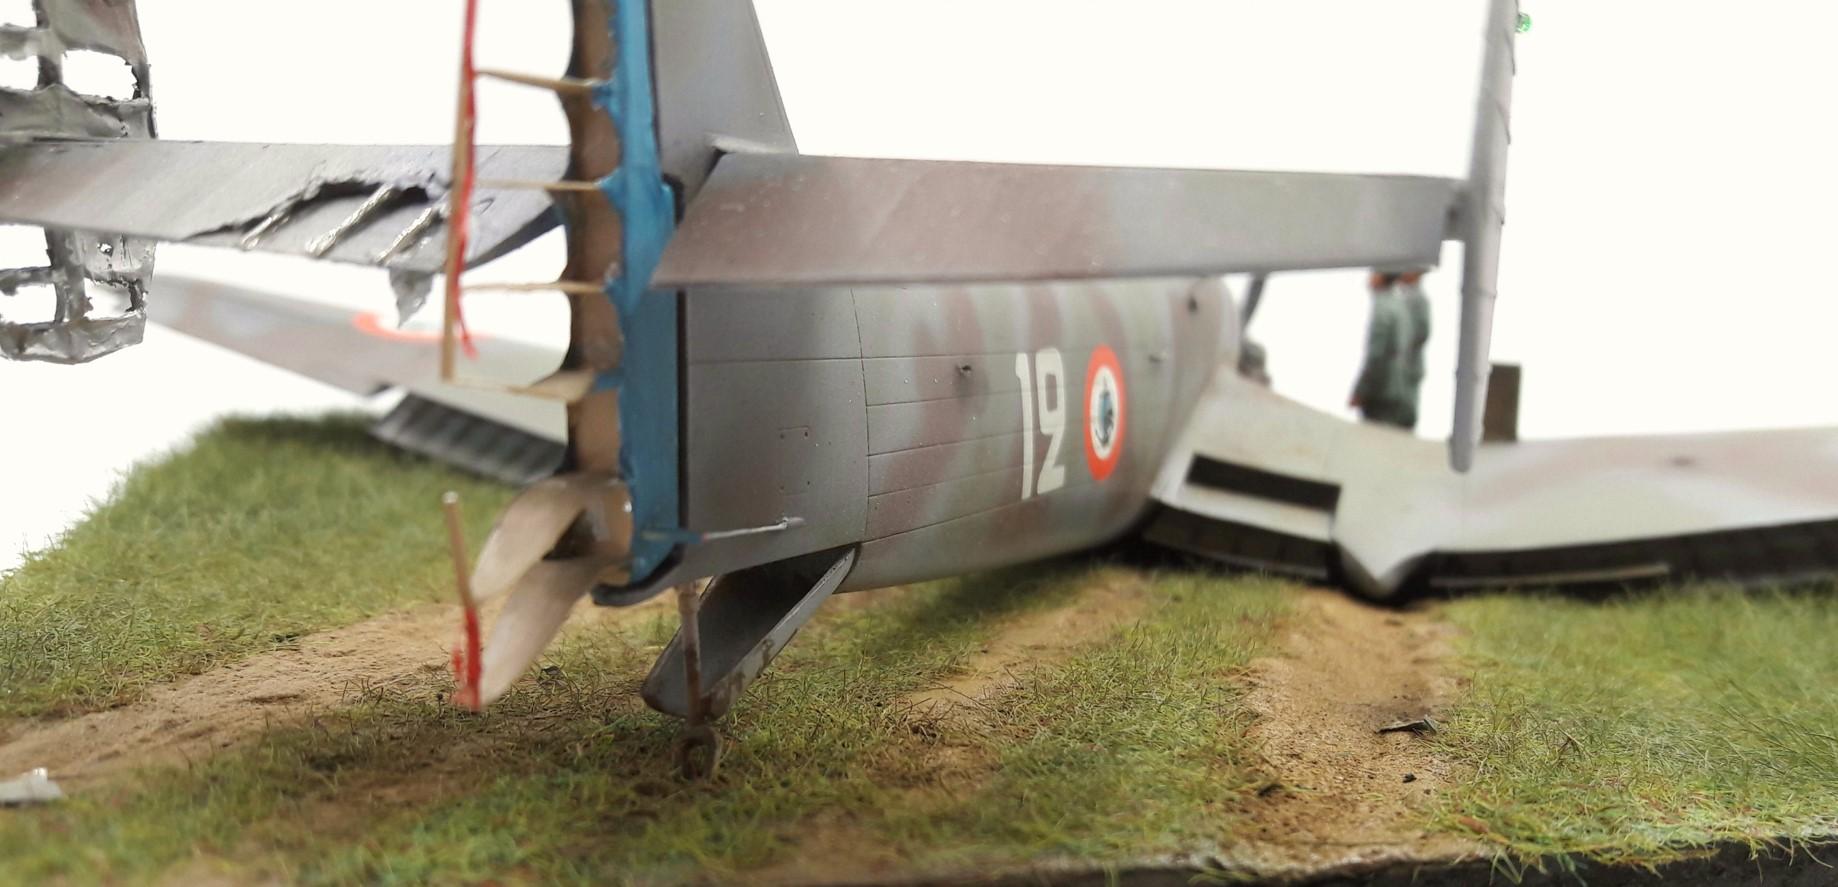 [Concours Aéronavale] Loire Nieuport 401/411 -  Special hobby 1/48 - crash à Villereau -le sacrifice des marins aviateurs du 19 mai 1940 - Mission Berlaimont  Image481